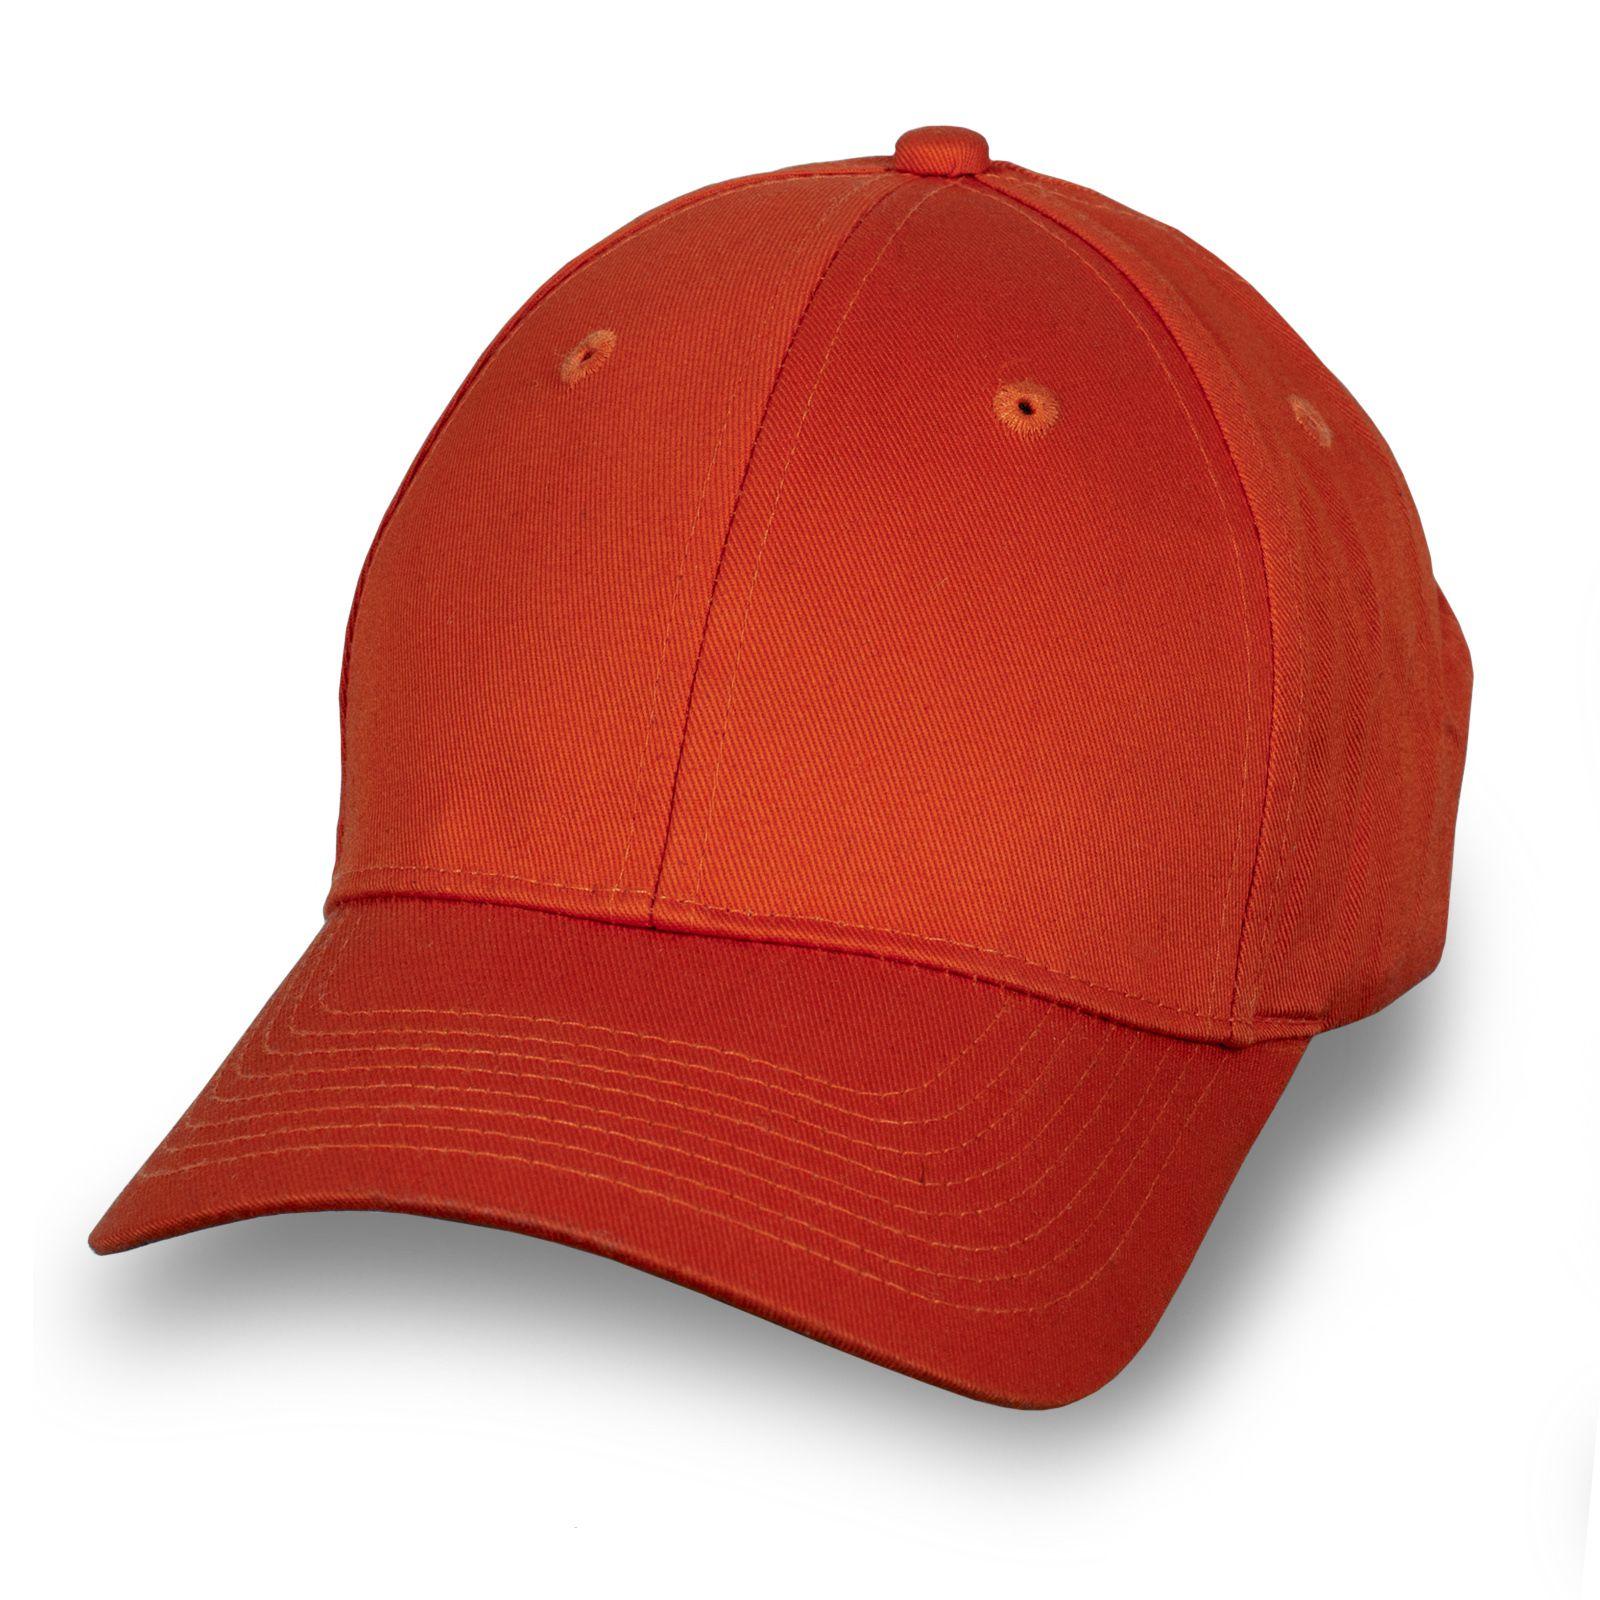 Стильная бейсболка красно-оранжевая